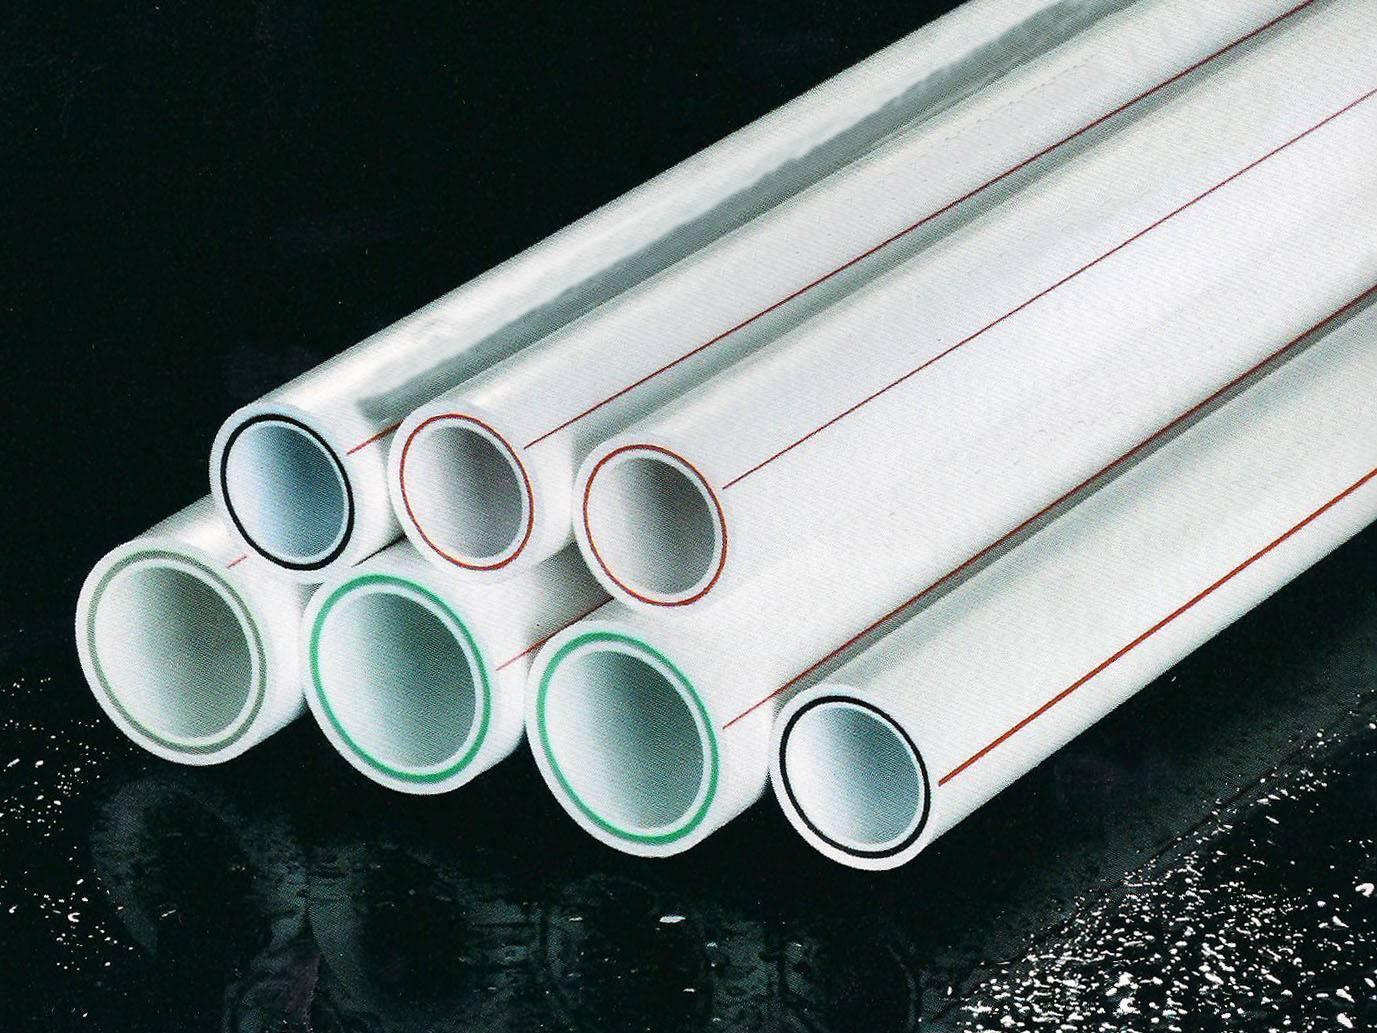 Полипропиленовые трубы из чехии, являются лидером в своей нише, компания экопластик выпускает армированную стекловолокном продукцию